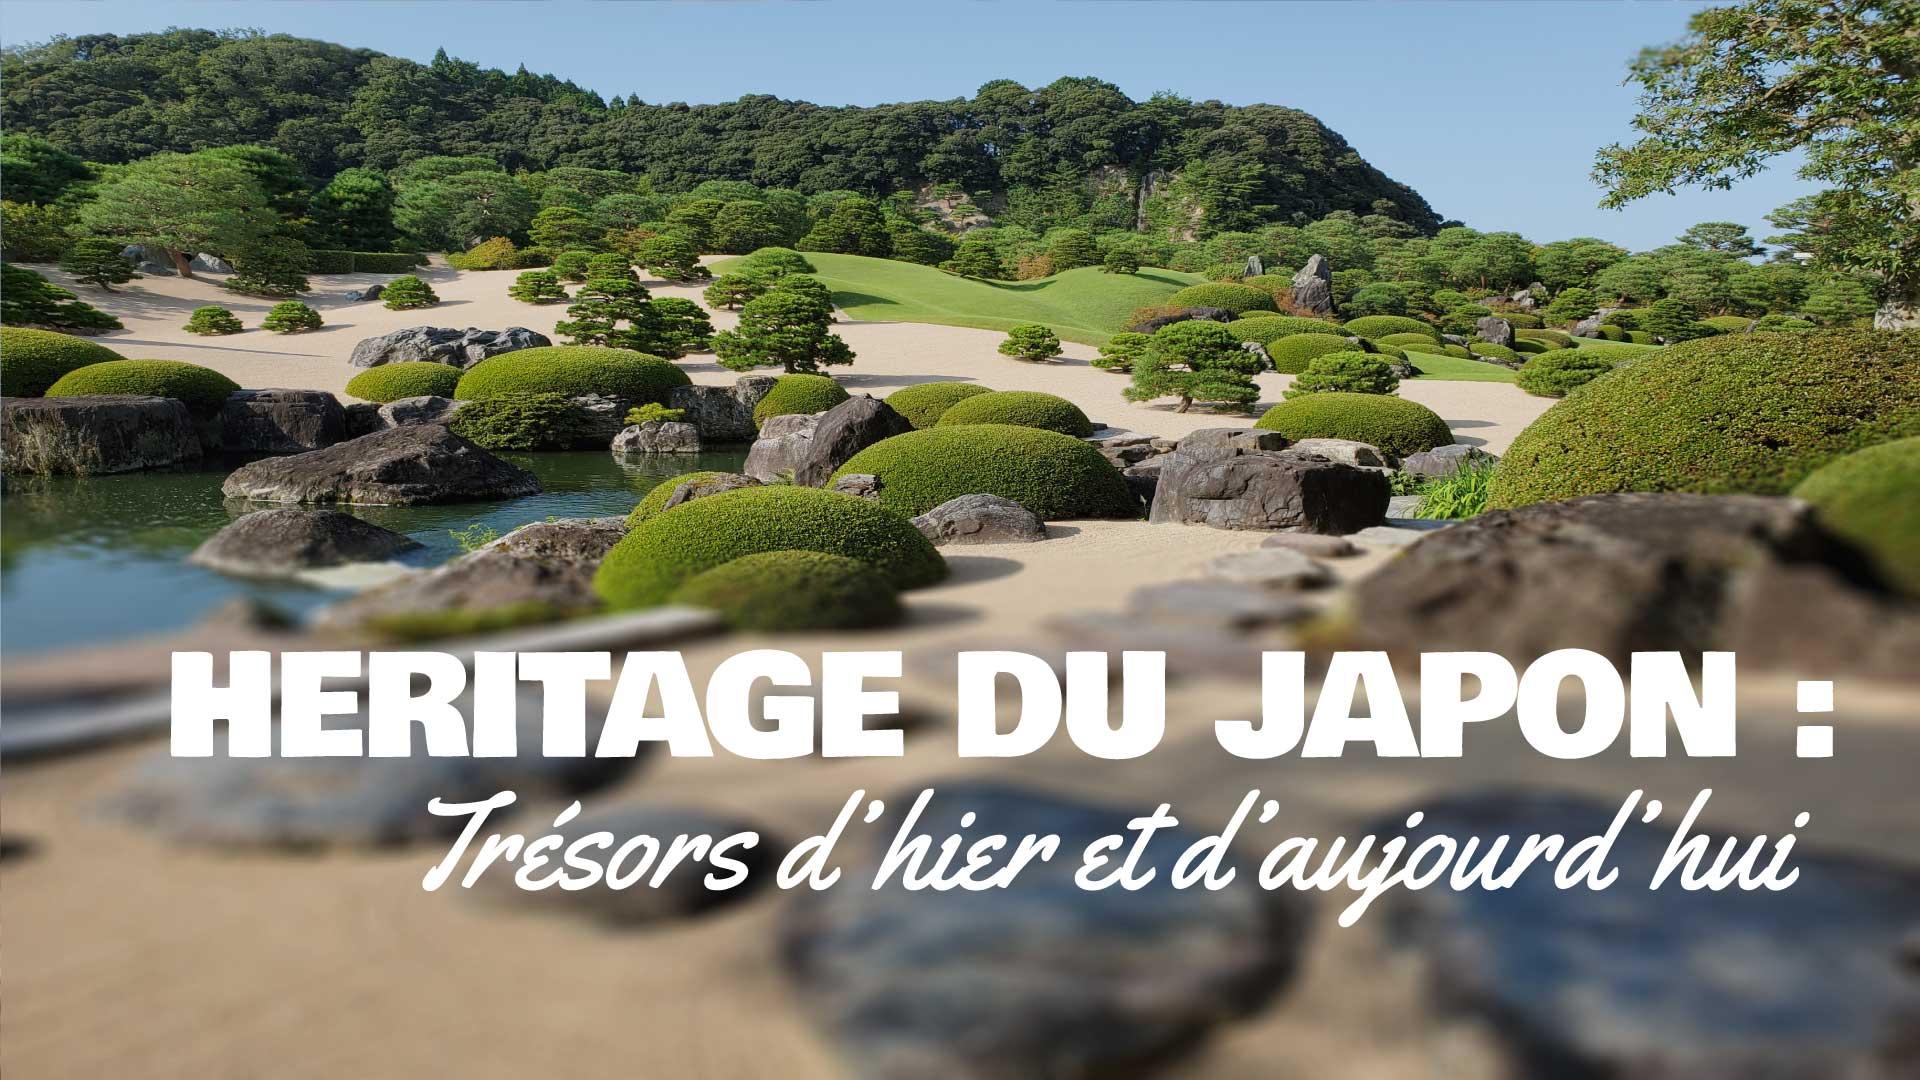 Héritage du Japon : trésors d'hier et d'aujourd'hui